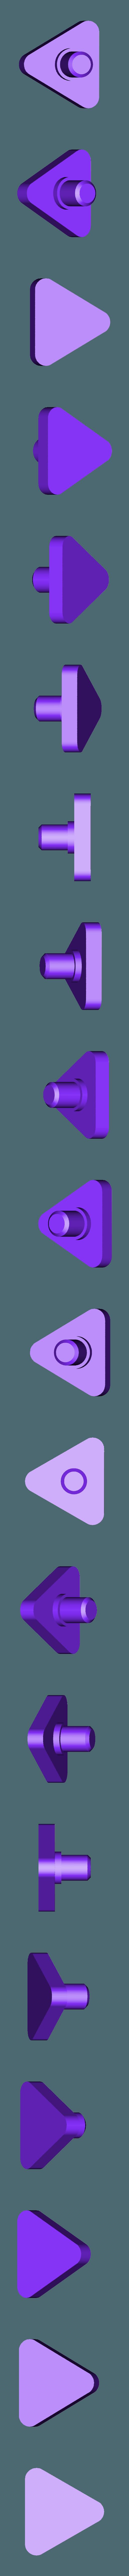 Cap_PRINT_TWO.stl Télécharger fichier STL gratuit Support de bobine • Design pour imprimante 3D, pawlo444444